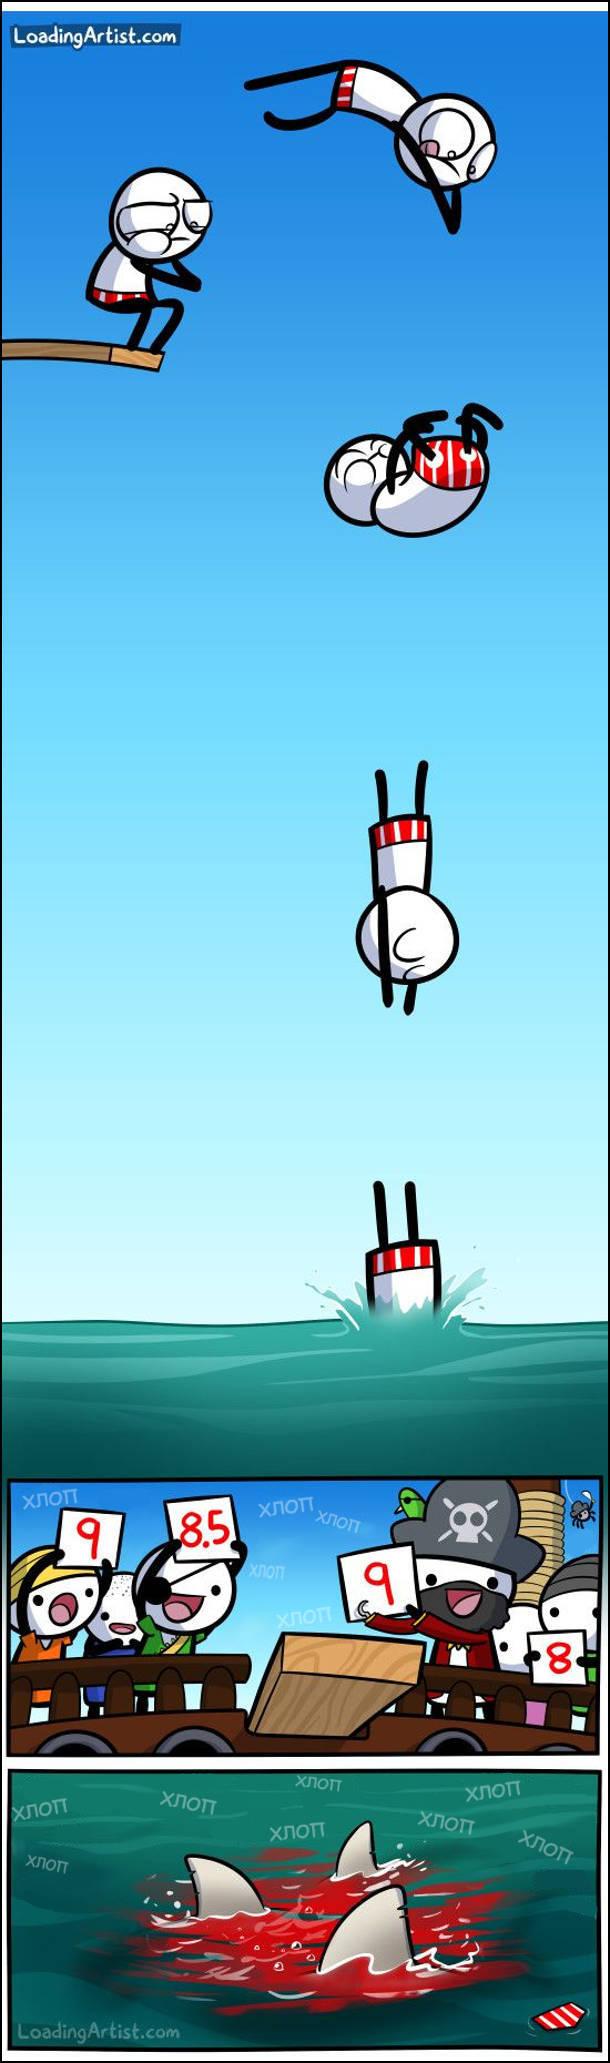 Чоловік вийнов на трамплін підпригнув, зробив сальто і пірнув у воду. Його з'їли акули. Пірати виставили оцінки за стрибок